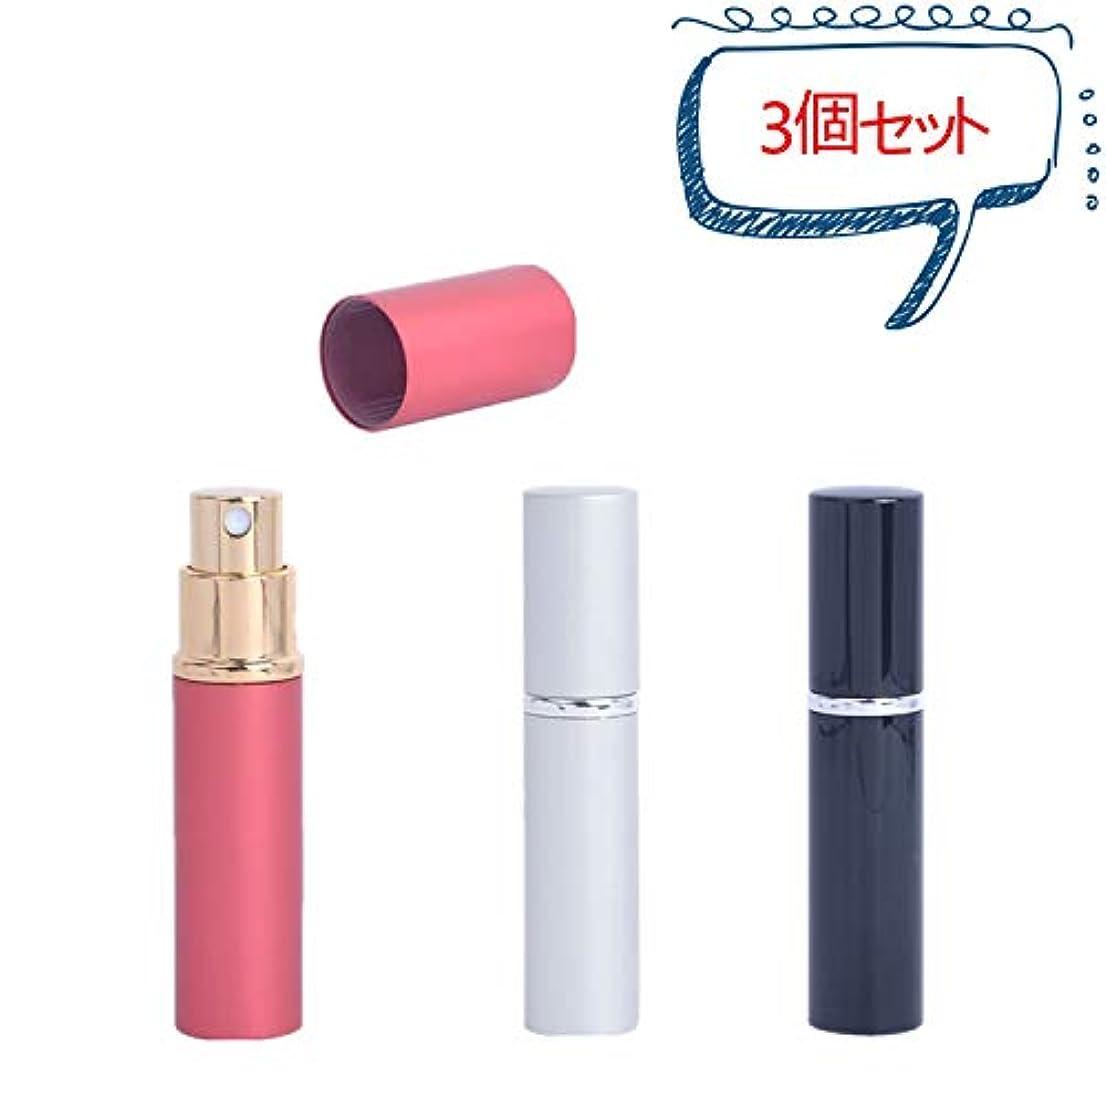 レンズ電気技師入射[Hordlend] 3個セット アトマイザー 香水ボトル 香水噴霧器 詰め替え容器 旅行携帯用 5ml 3色セットXSP-025